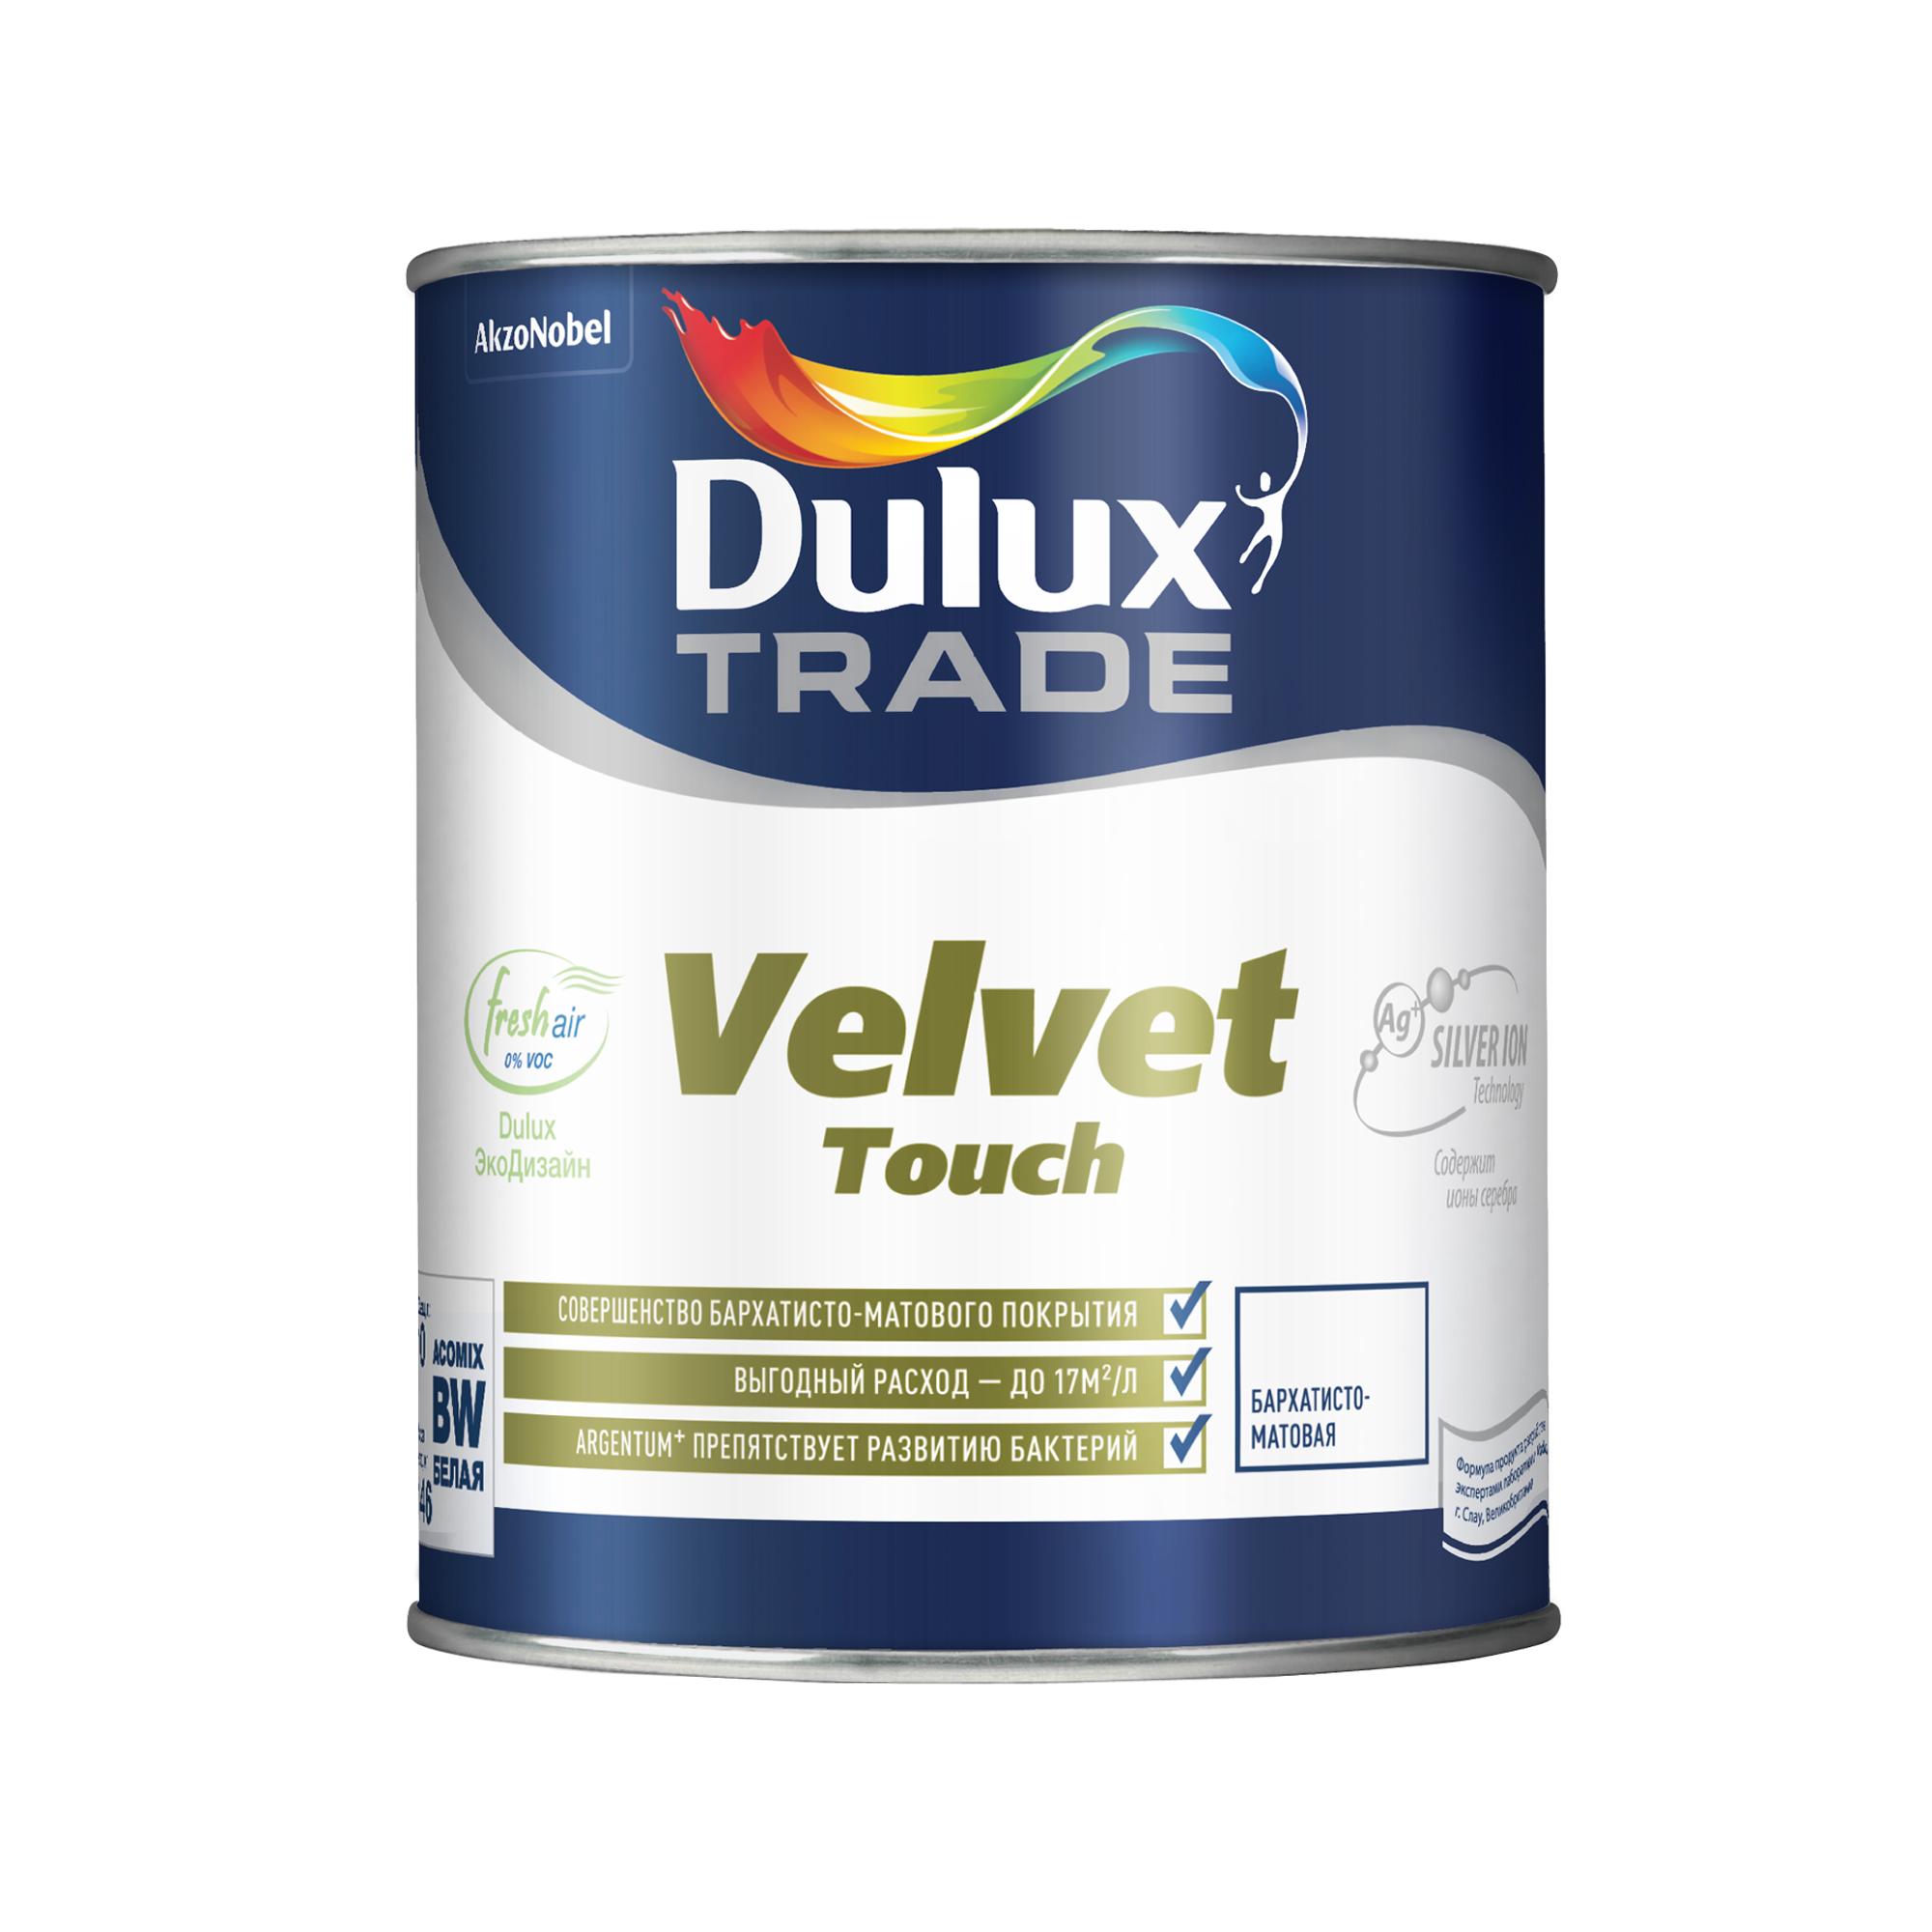 Купить Краска для внутренних работ Dulux Velvet Touch белая, 1 л, Дюлакс/Dulux, Россия, белый